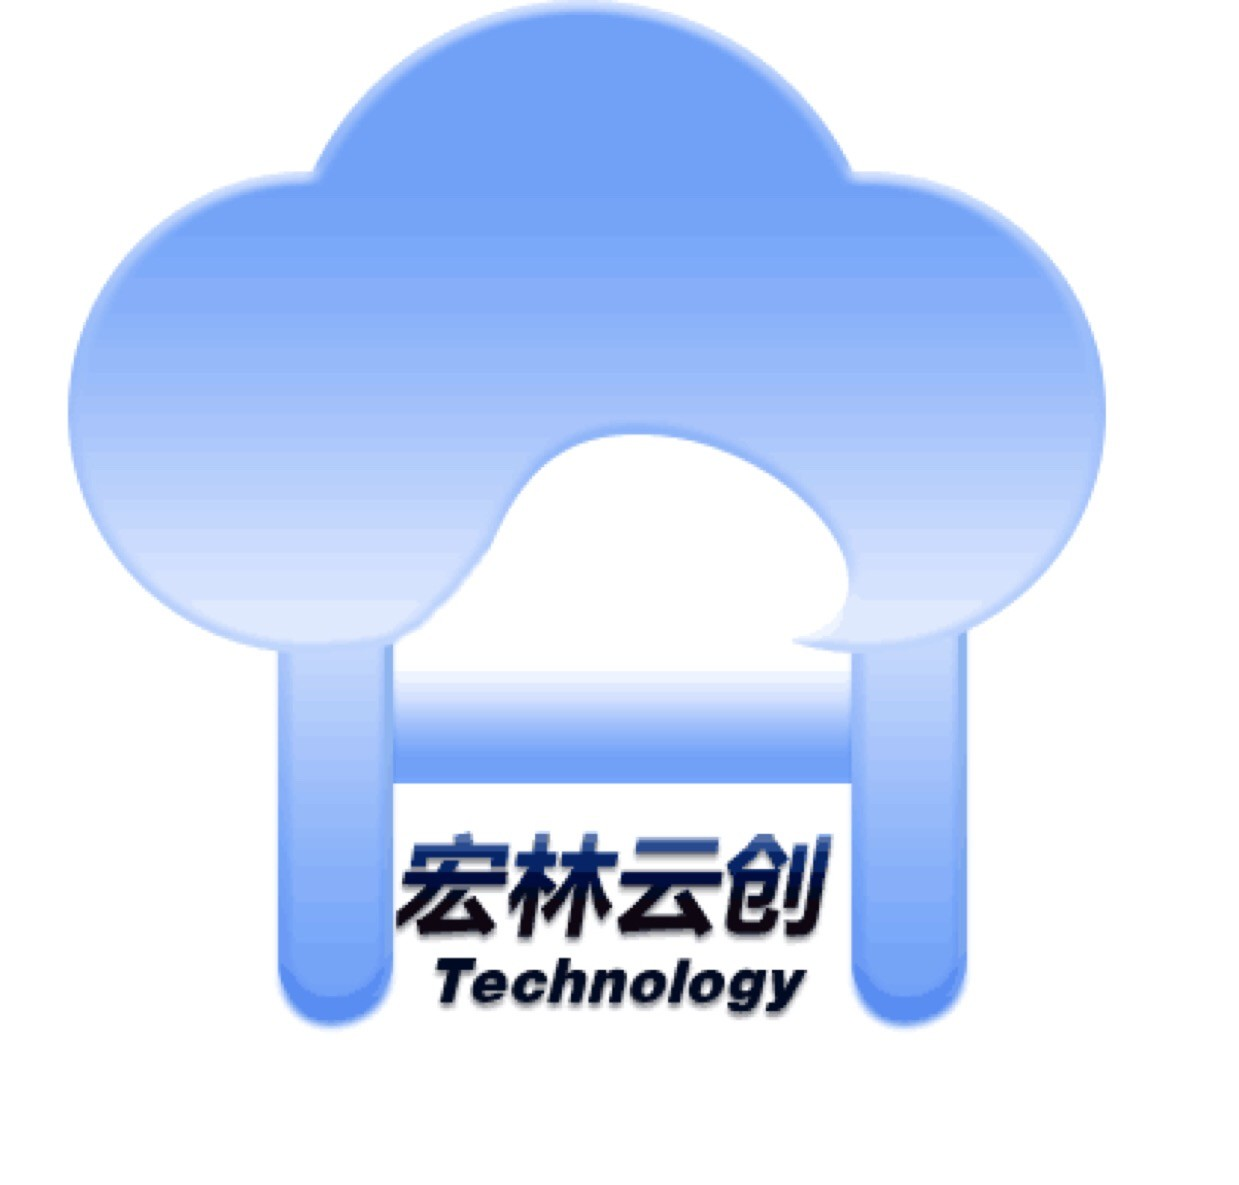 2017联想科技财务实习生招聘信息